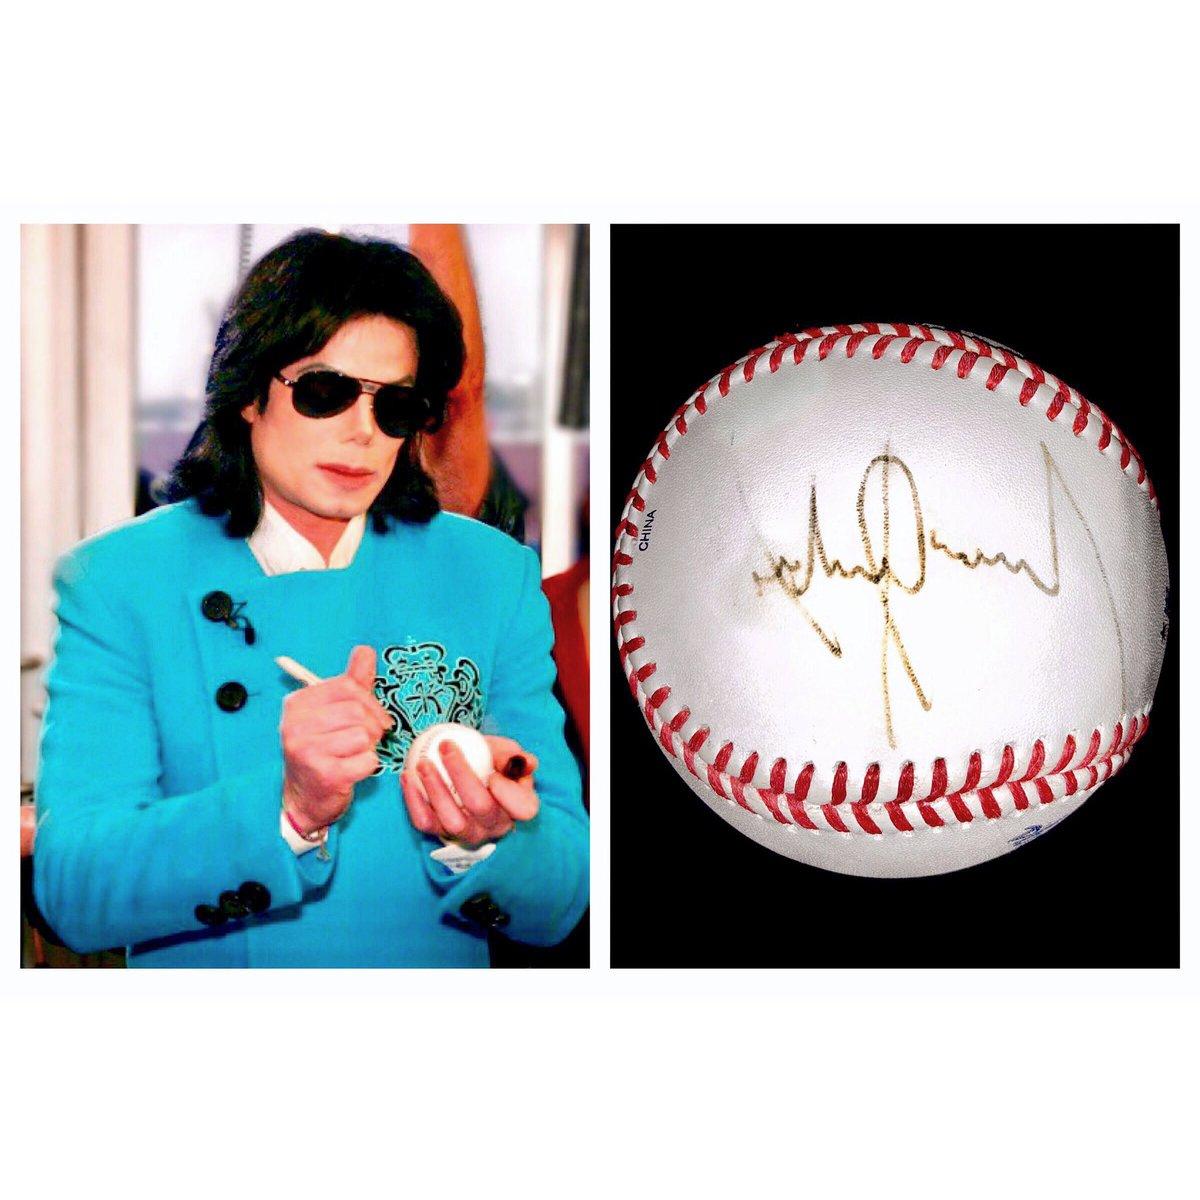 Graham Elliot On Twitter Michael Jackson Signed Baseball